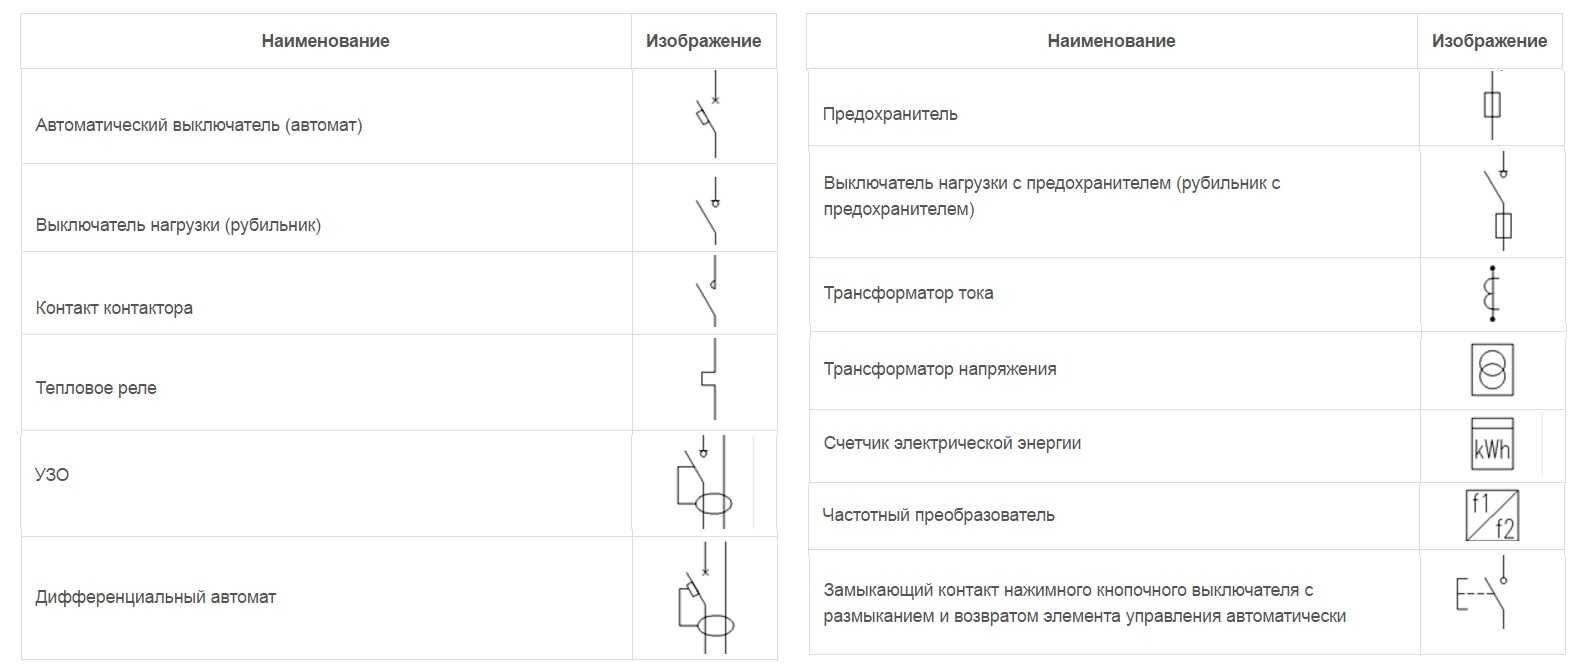 Однолинейные схемы условное обозначение